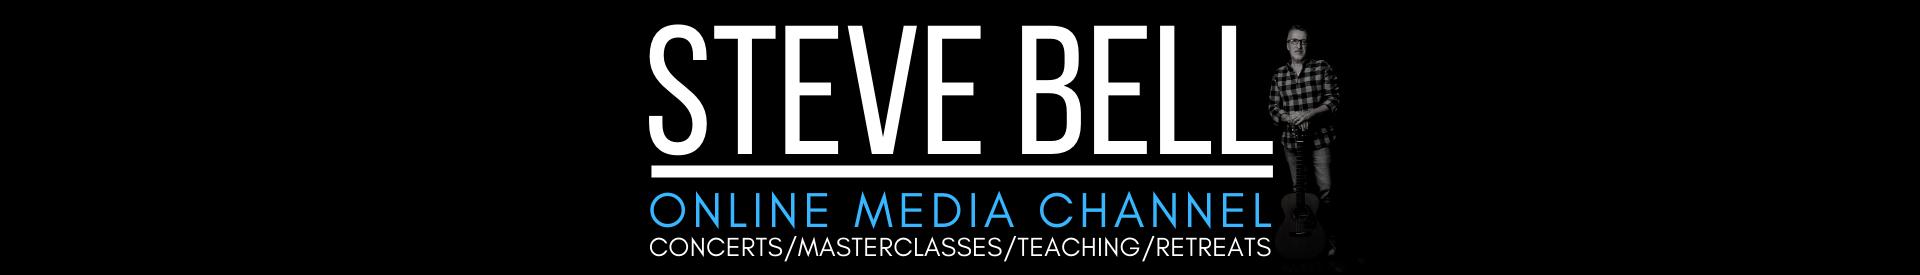 Steve Bell Online Media Channel